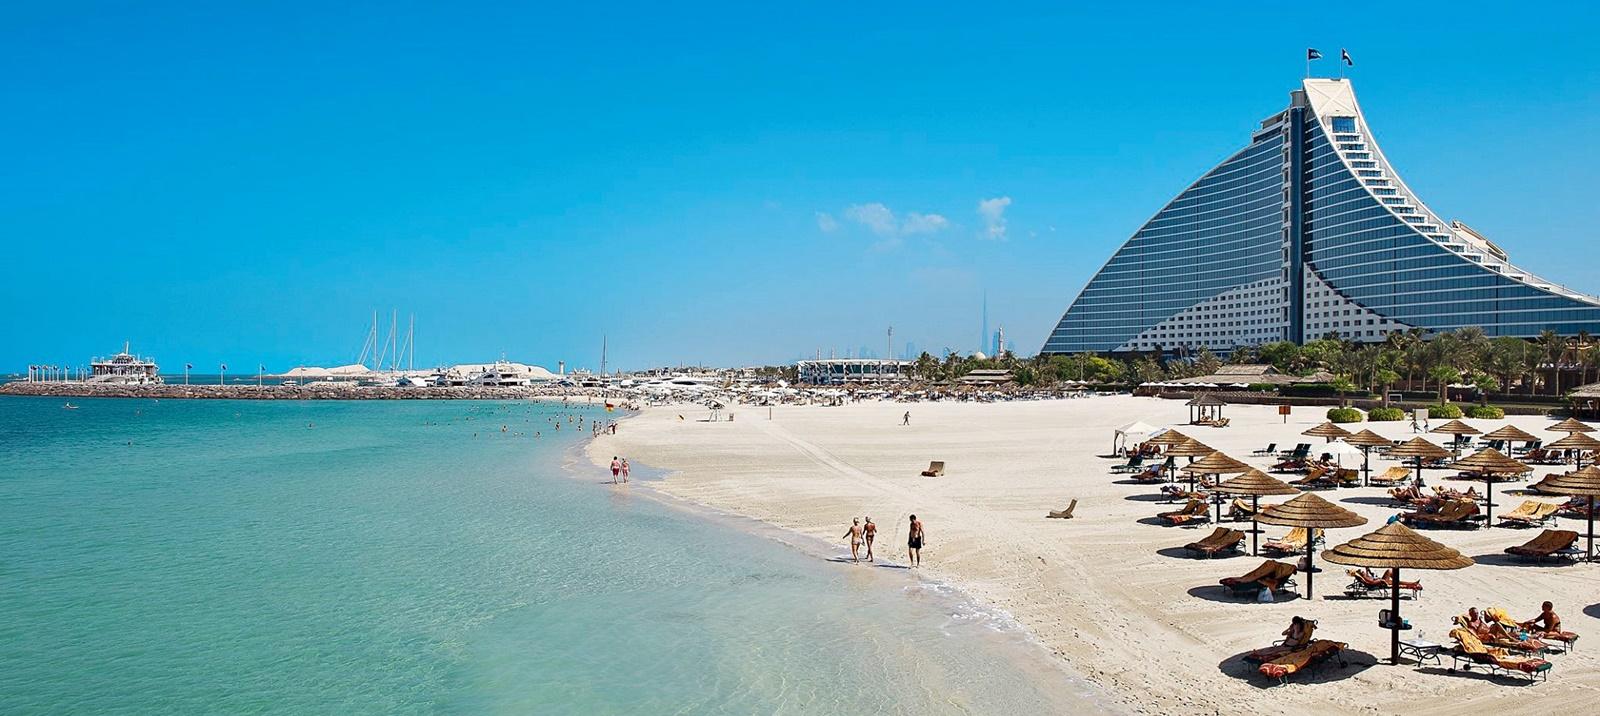 Scopri il meglio di Dubai con MSC